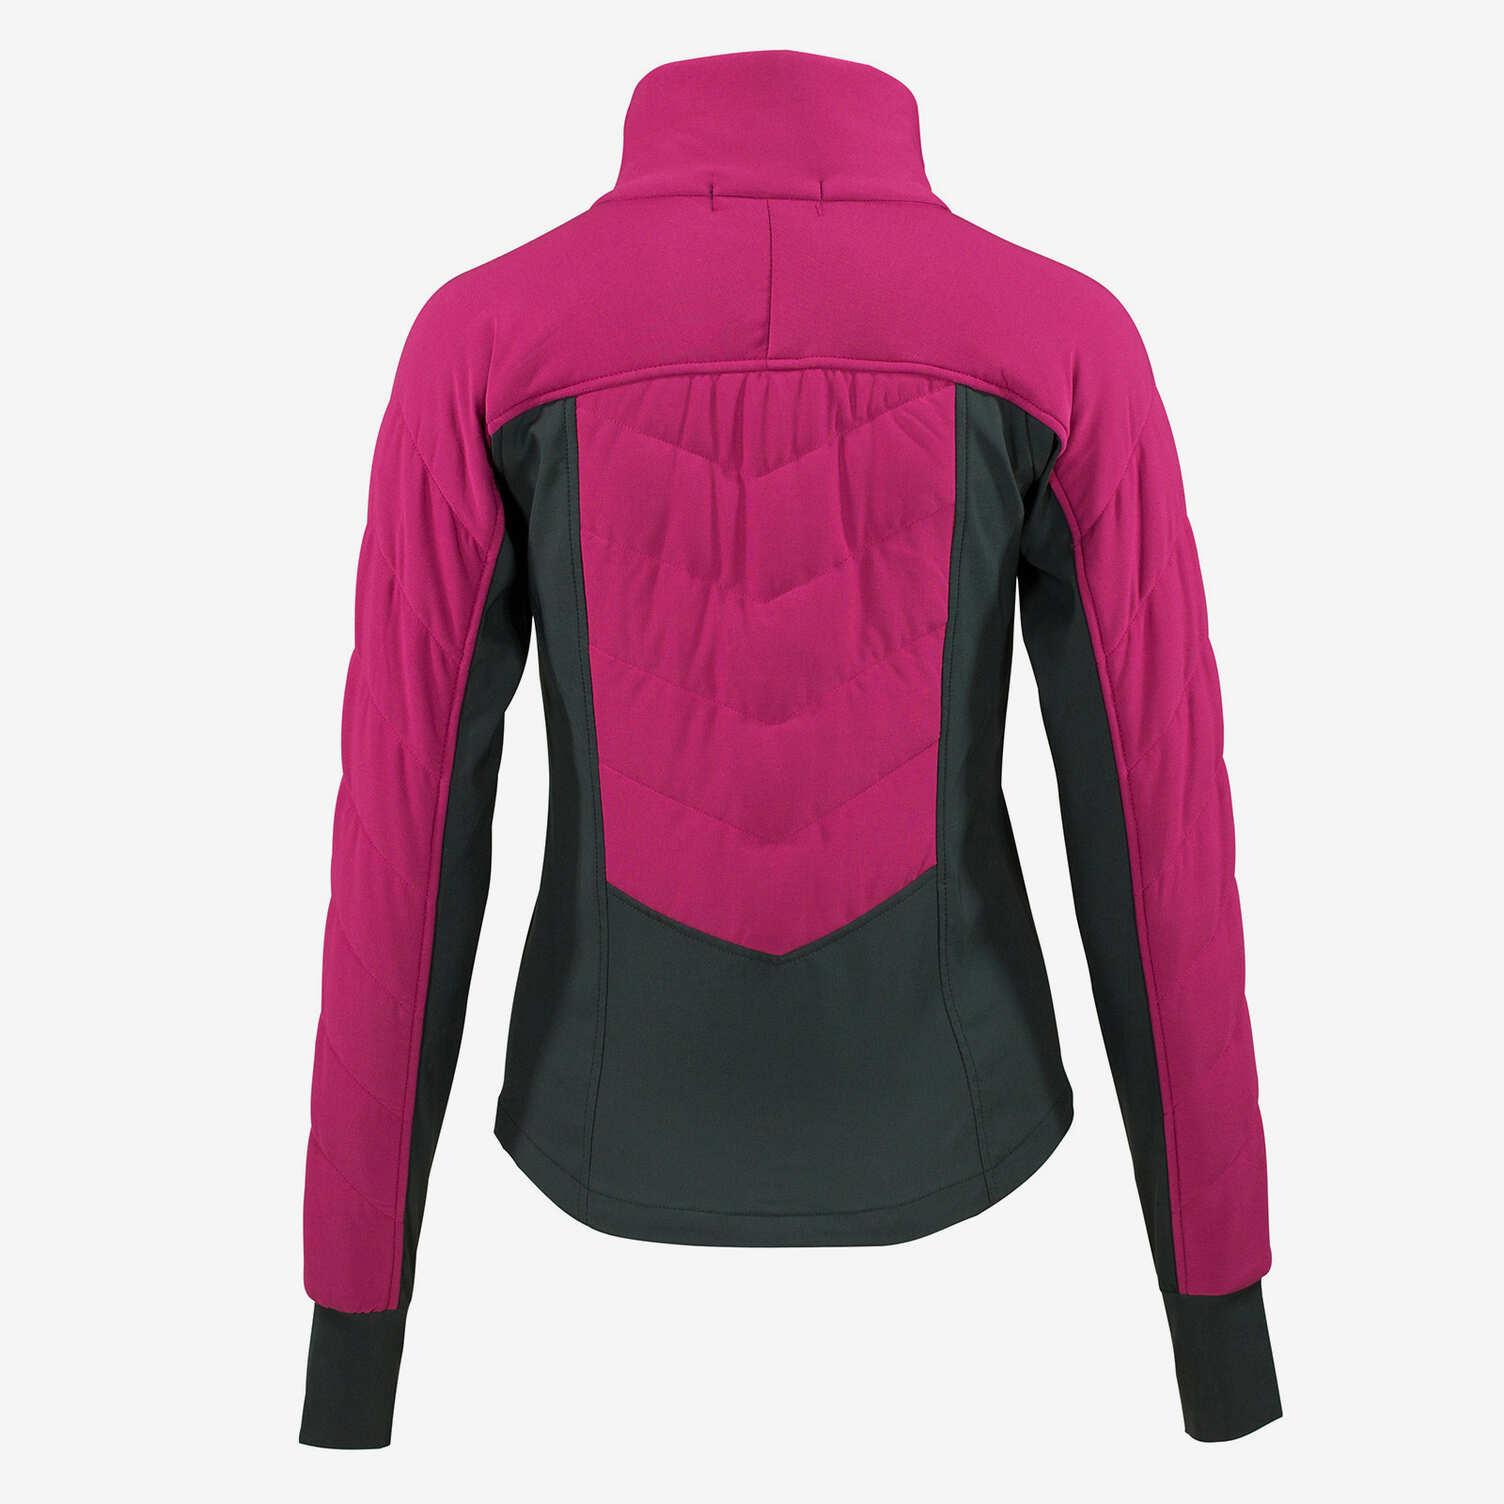 f787a318a6 Horze Chloe Women's Light Padded Jacket | Horze